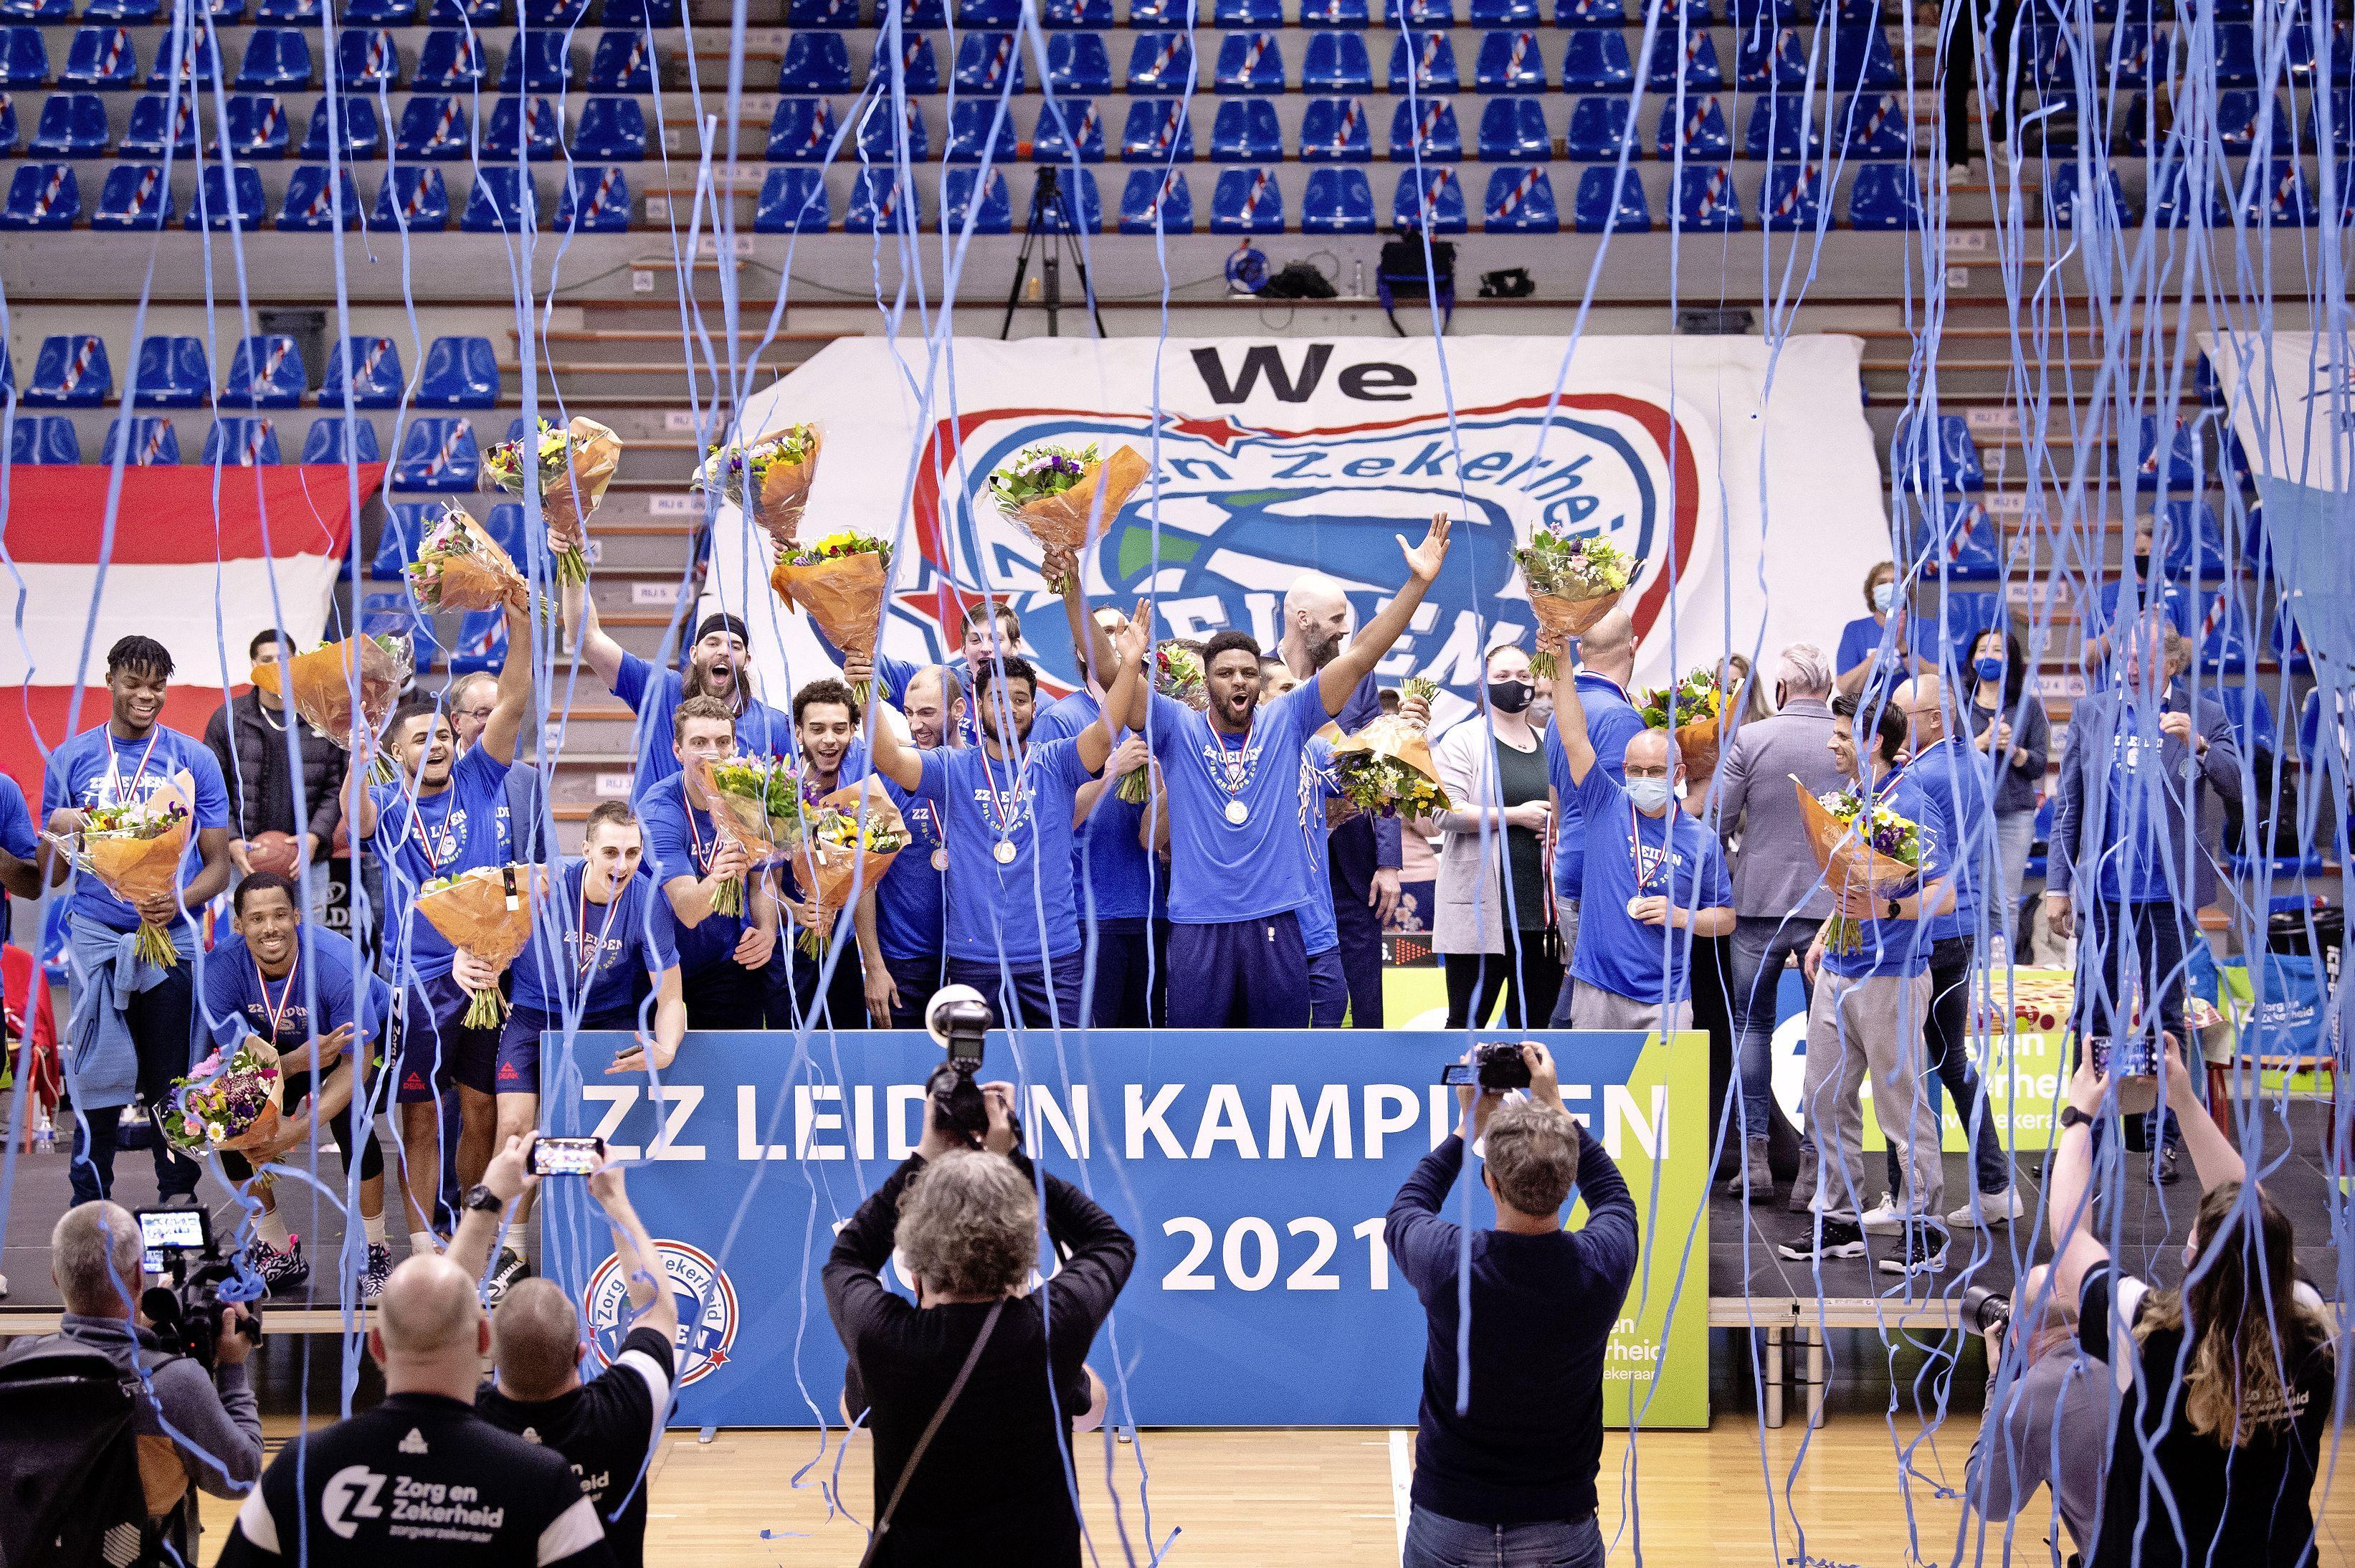 Unieke inschrijving voor ZZ Leiden: basketbalploeg maakt debuut in Champions League